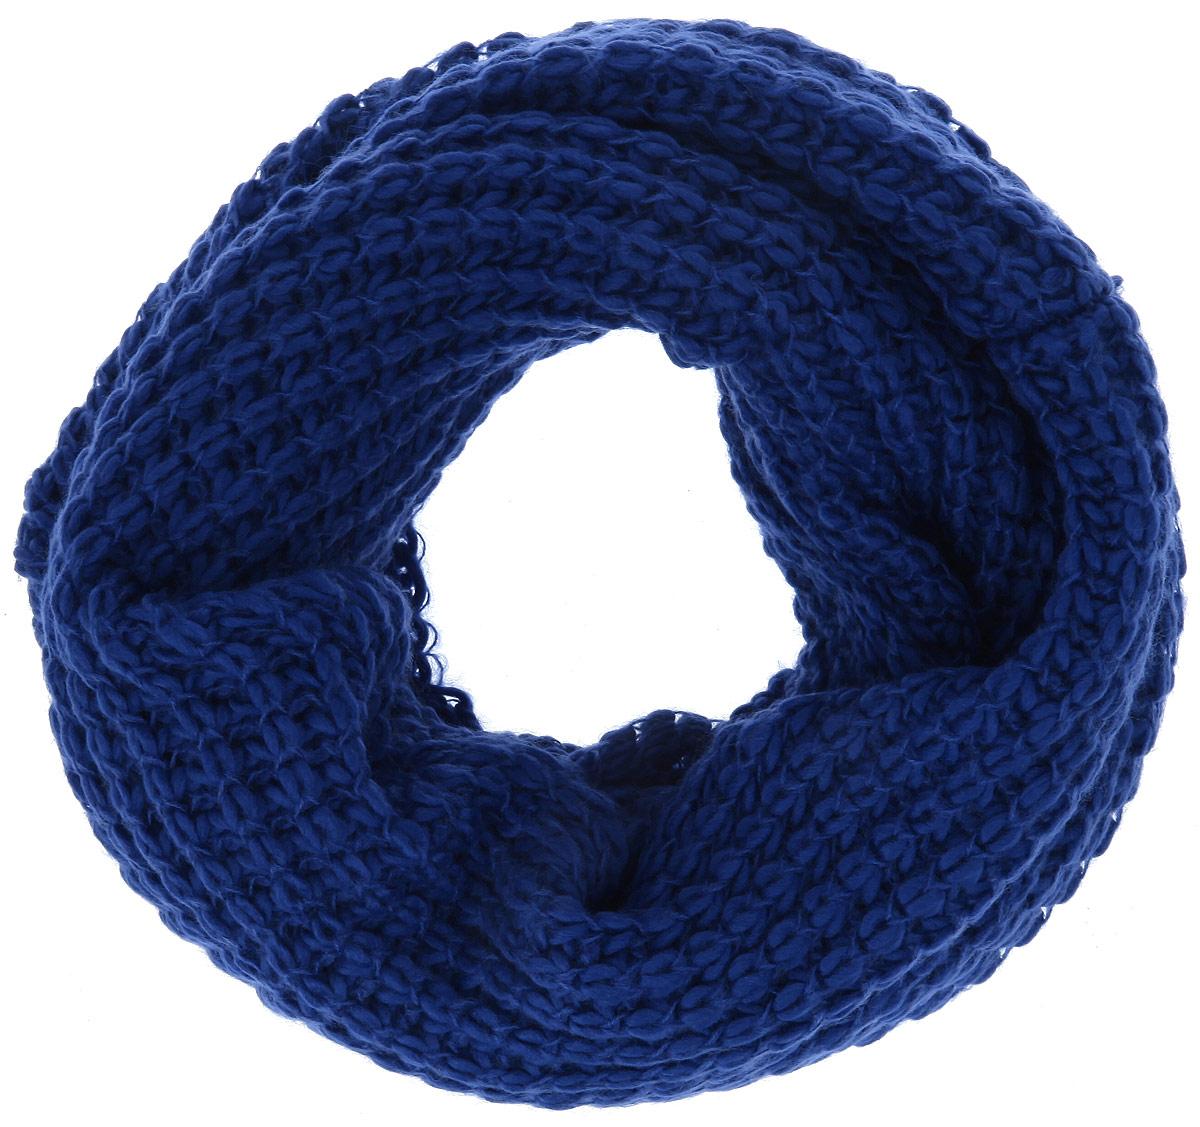 Снуд-хомут женский. 93023039302303-01Уютный шарф-снуд Venera - отличная модель для холодной погоды, он подчеркнет вашу оригинальность и неповторимый вкус. Он превосходно дополнит любой наряд и согреет вас в прохладное время года. Снуд выполнен из высококачественной комбинированной пряжи из акрила и шерсти. Модель крупной вязки красиво драпируется и надежно защитит ваши плечи и шею от ветра и холода. Снуд - это объемный шарф, связанный по кругу. Этот модный аксессуар гармонично дополнит образ современной женщины, следящей за своим имиджем и стремящейся всегда оставаться стильной и элегантной.